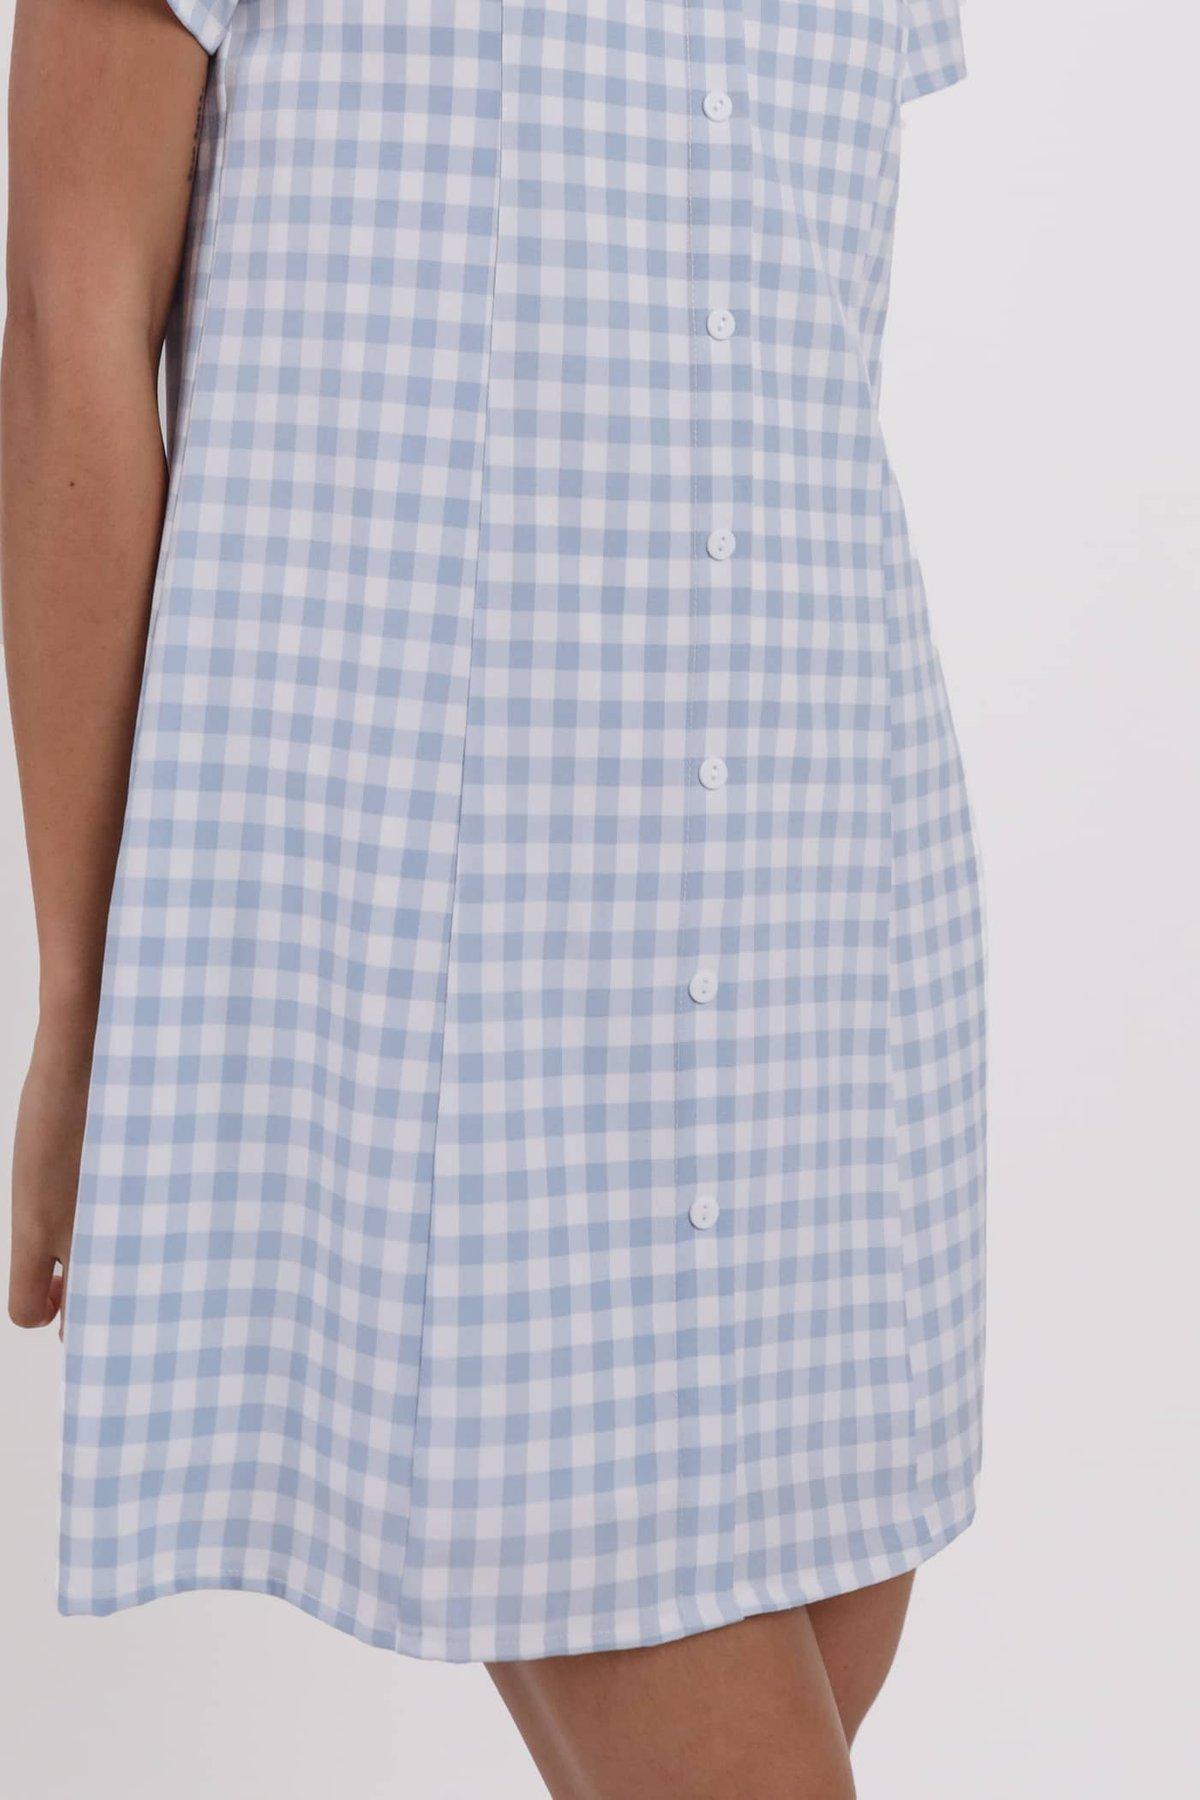 Nally Sleeved Dress (Blue Gingham)